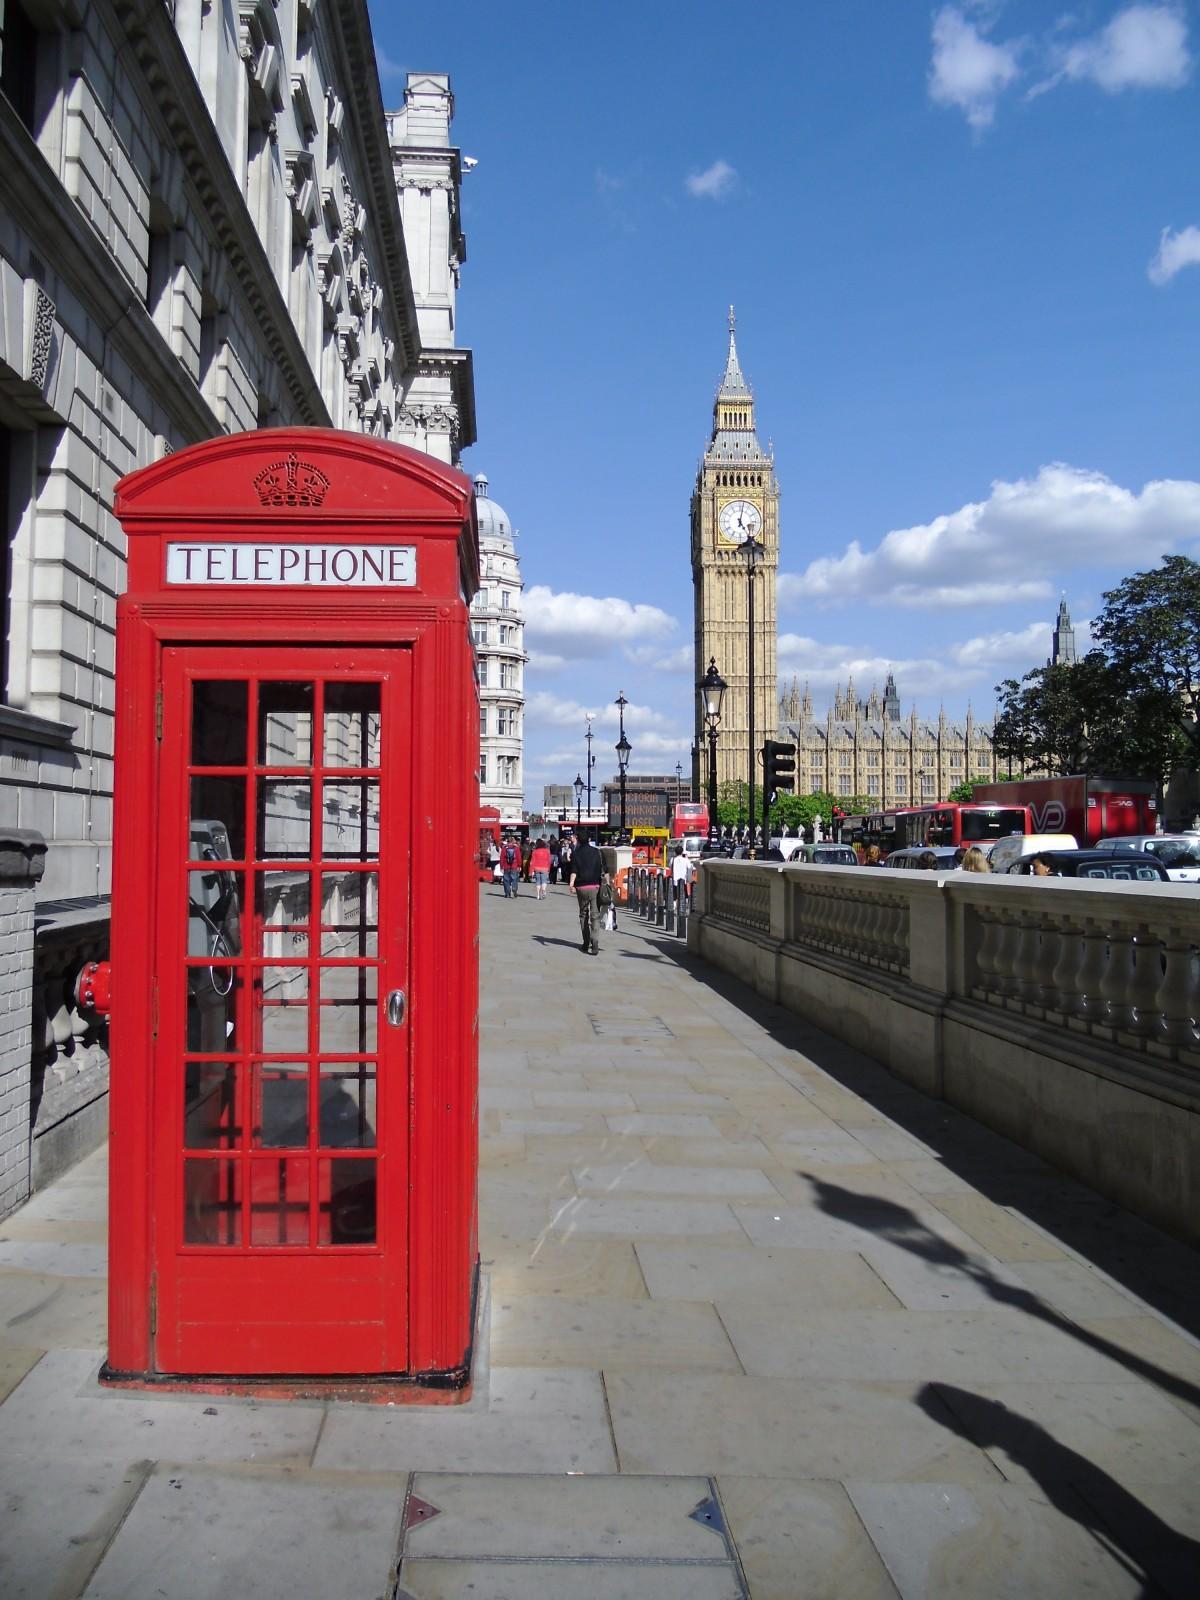 calle pueblo ciudad centro de la ciudad viajar transporte torre cabina transporte público gran Ben Londres cabina telefónica área urbana cabina de teléfono Asentamiento humano Estructura al aire libre